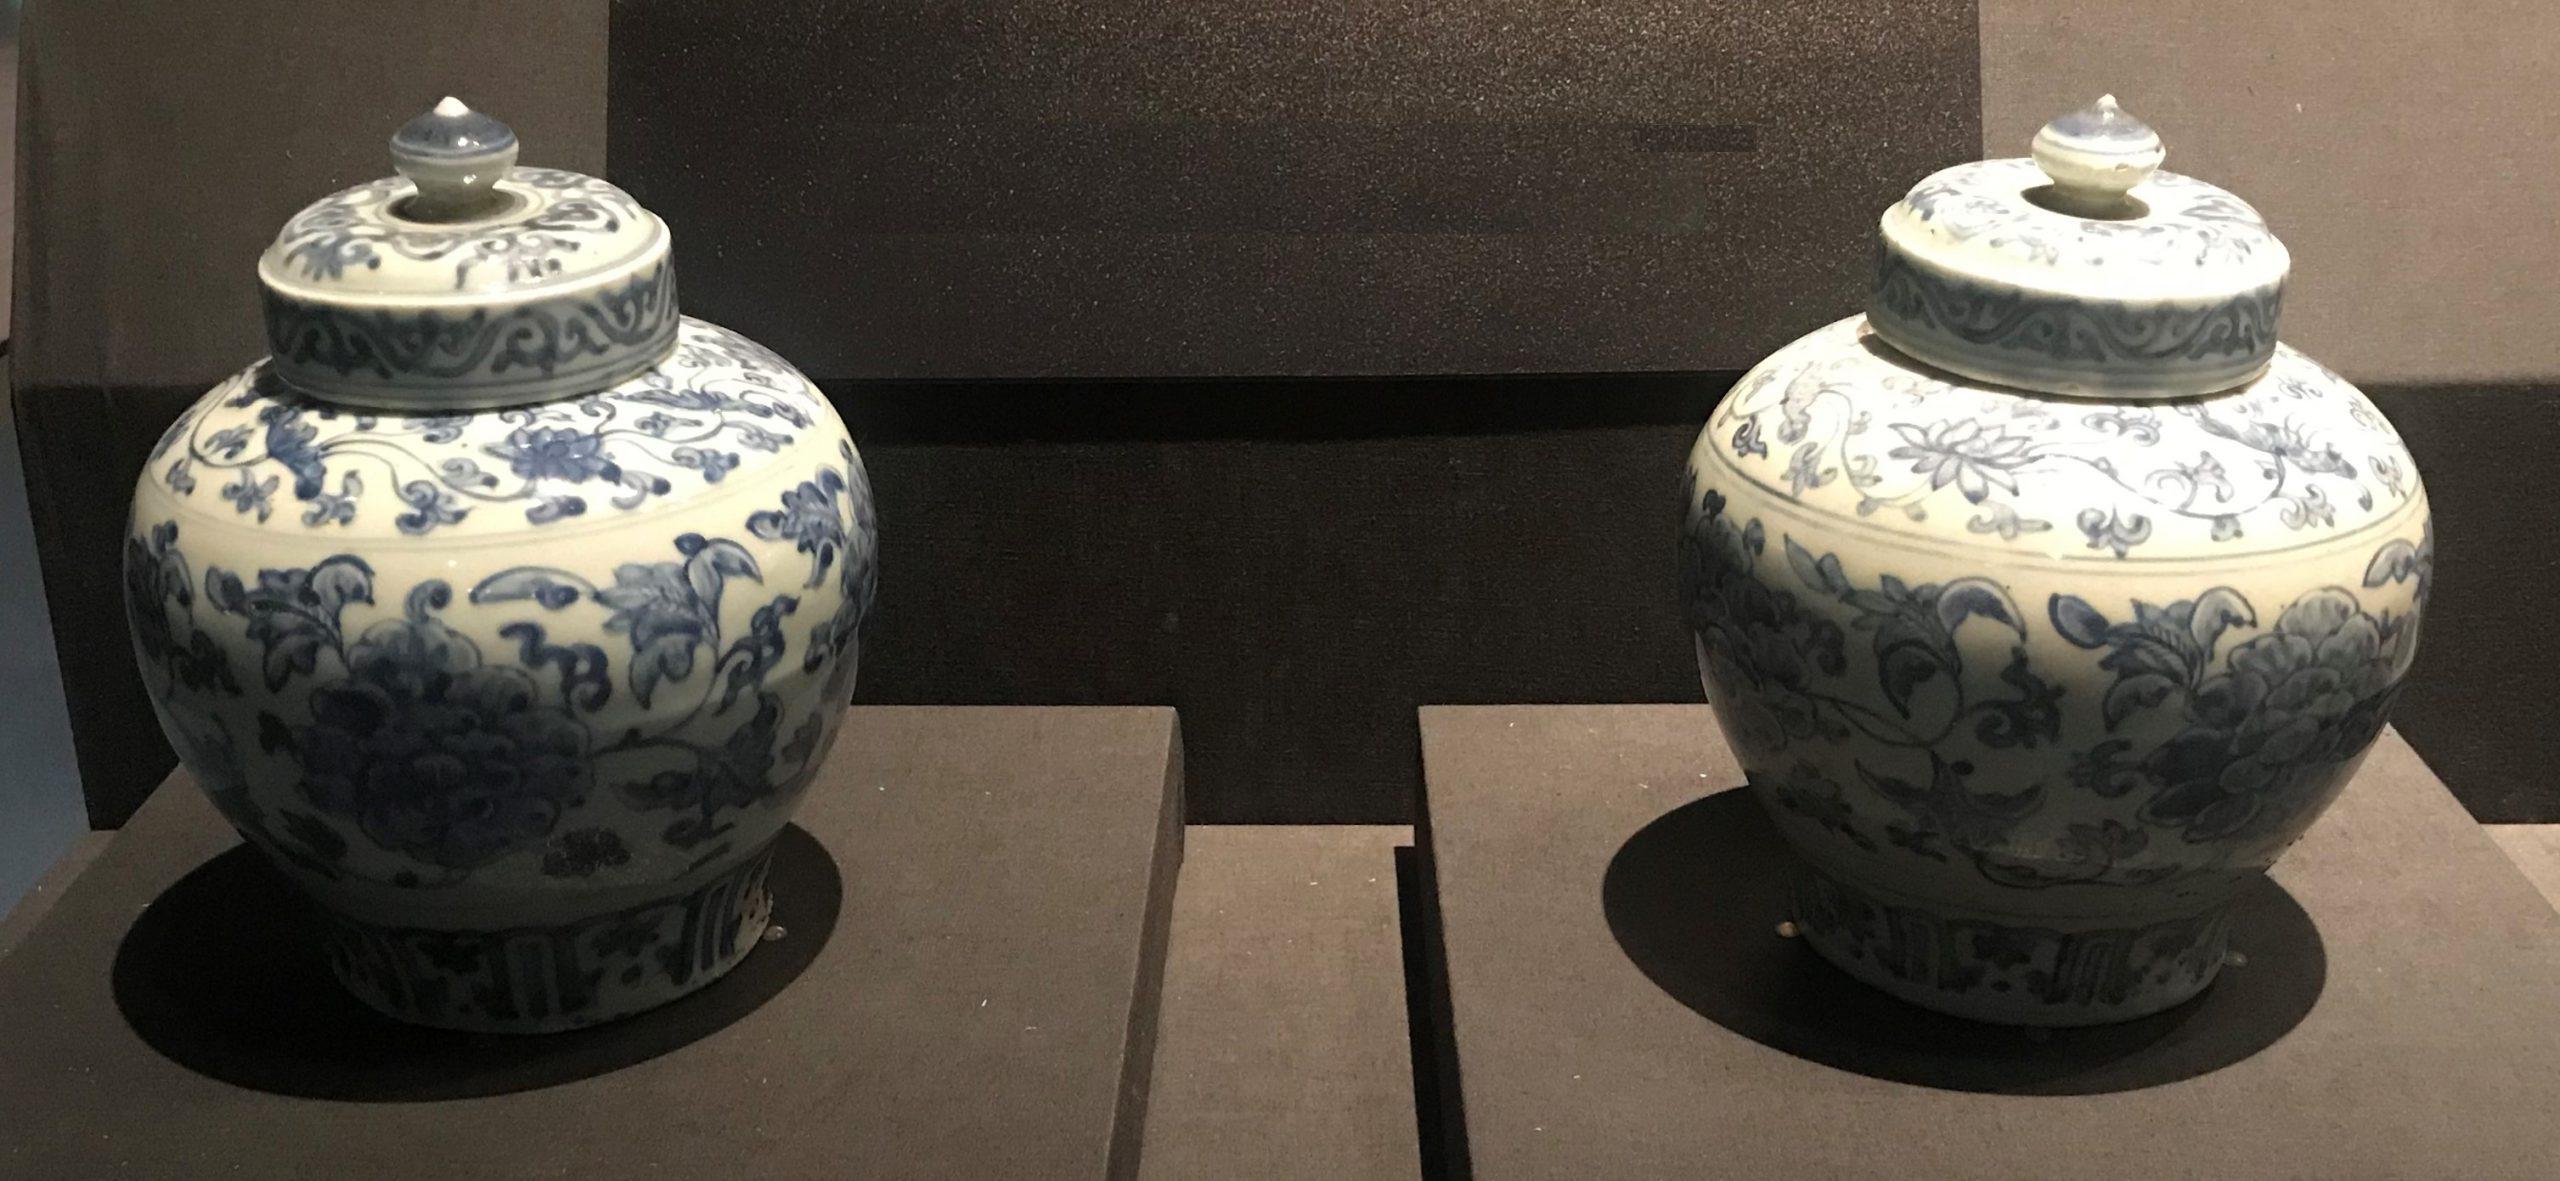 青花纏枝花卉紋帯蓋磁罐-明清時代-常設展F3-成都博物館